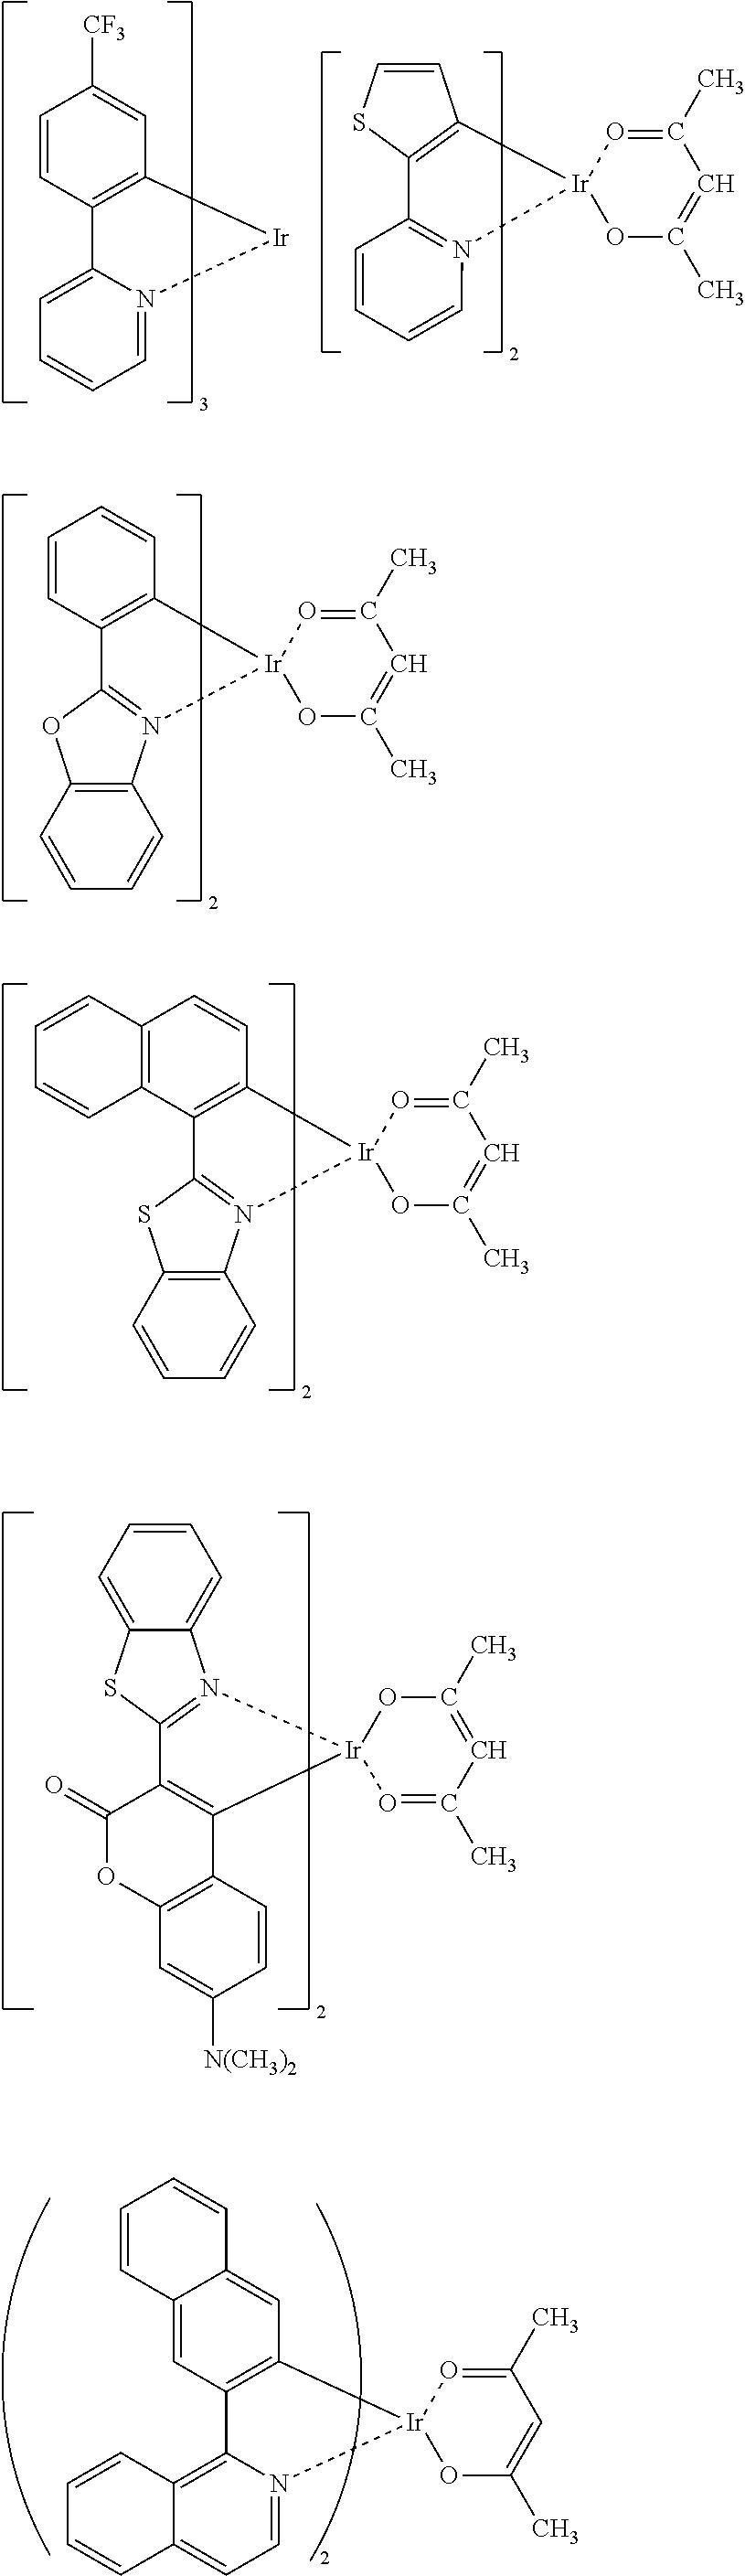 Figure US09837615-20171205-C00095